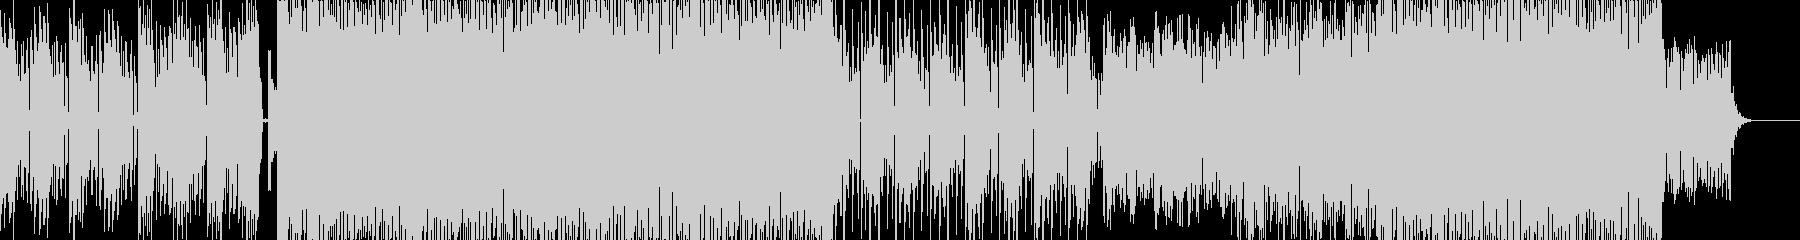 シンセリフとグルーヴ感が心地よいトランスの未再生の波形